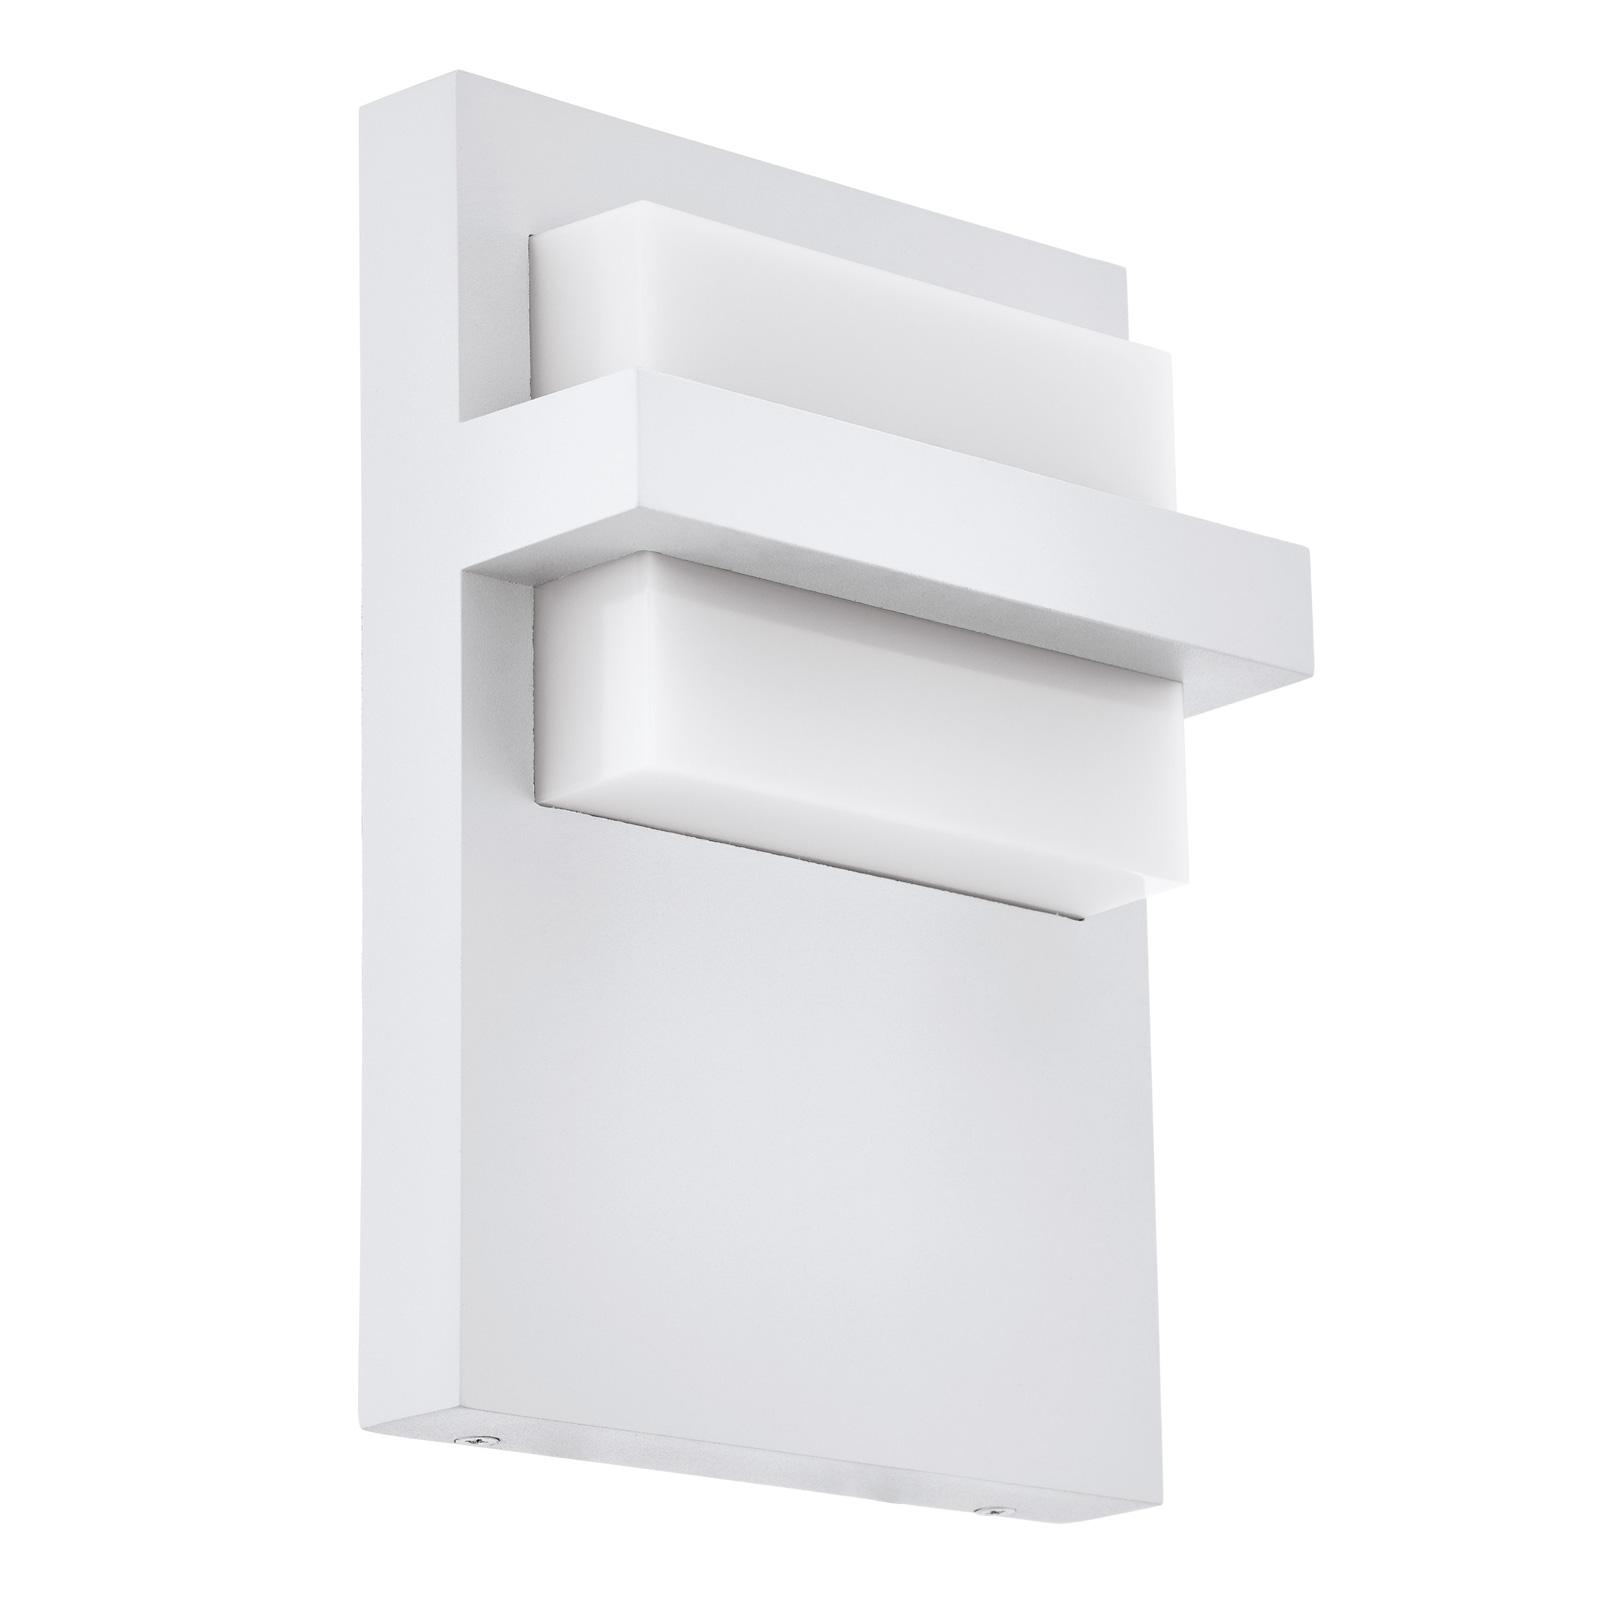 LED-Außenwandleuchte Culpina aus Alu, weiß